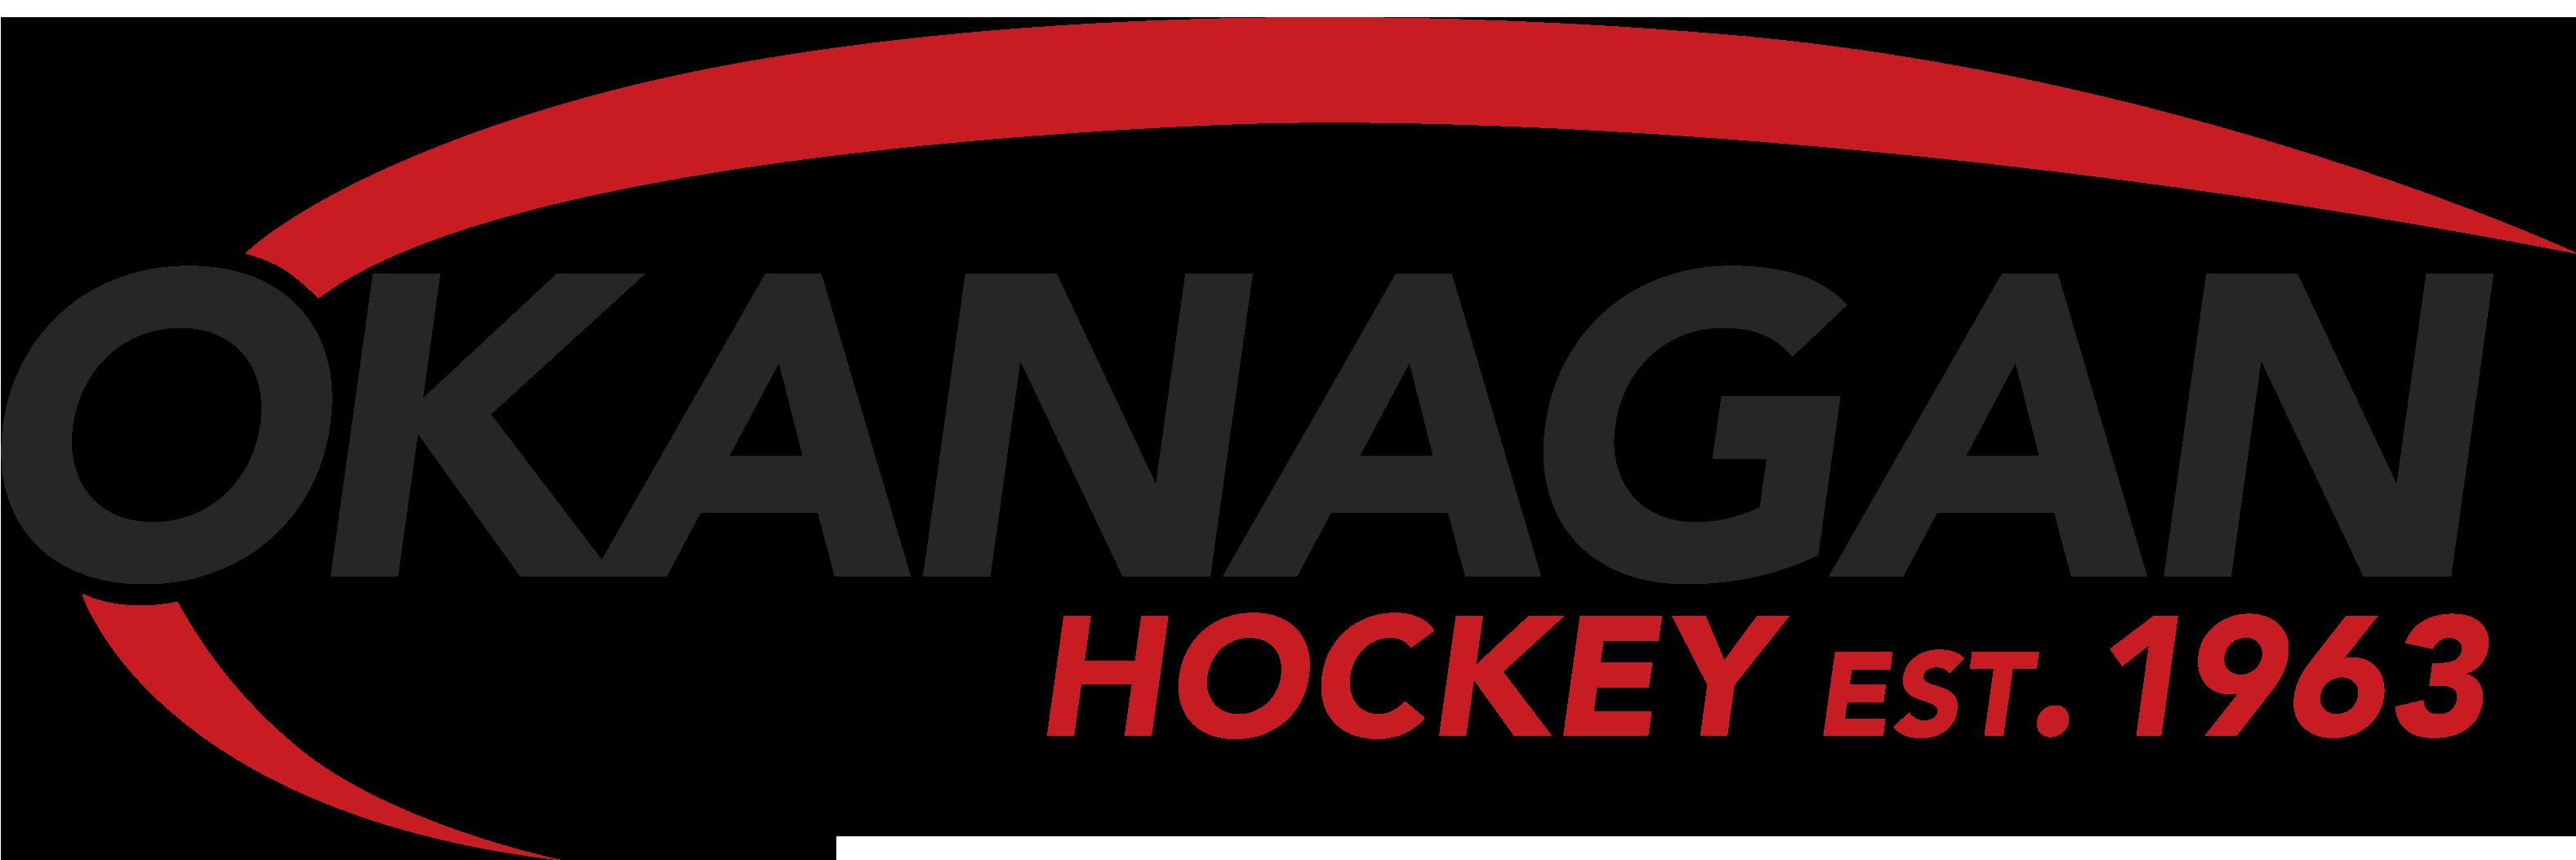 Okanagan-Hockey.png